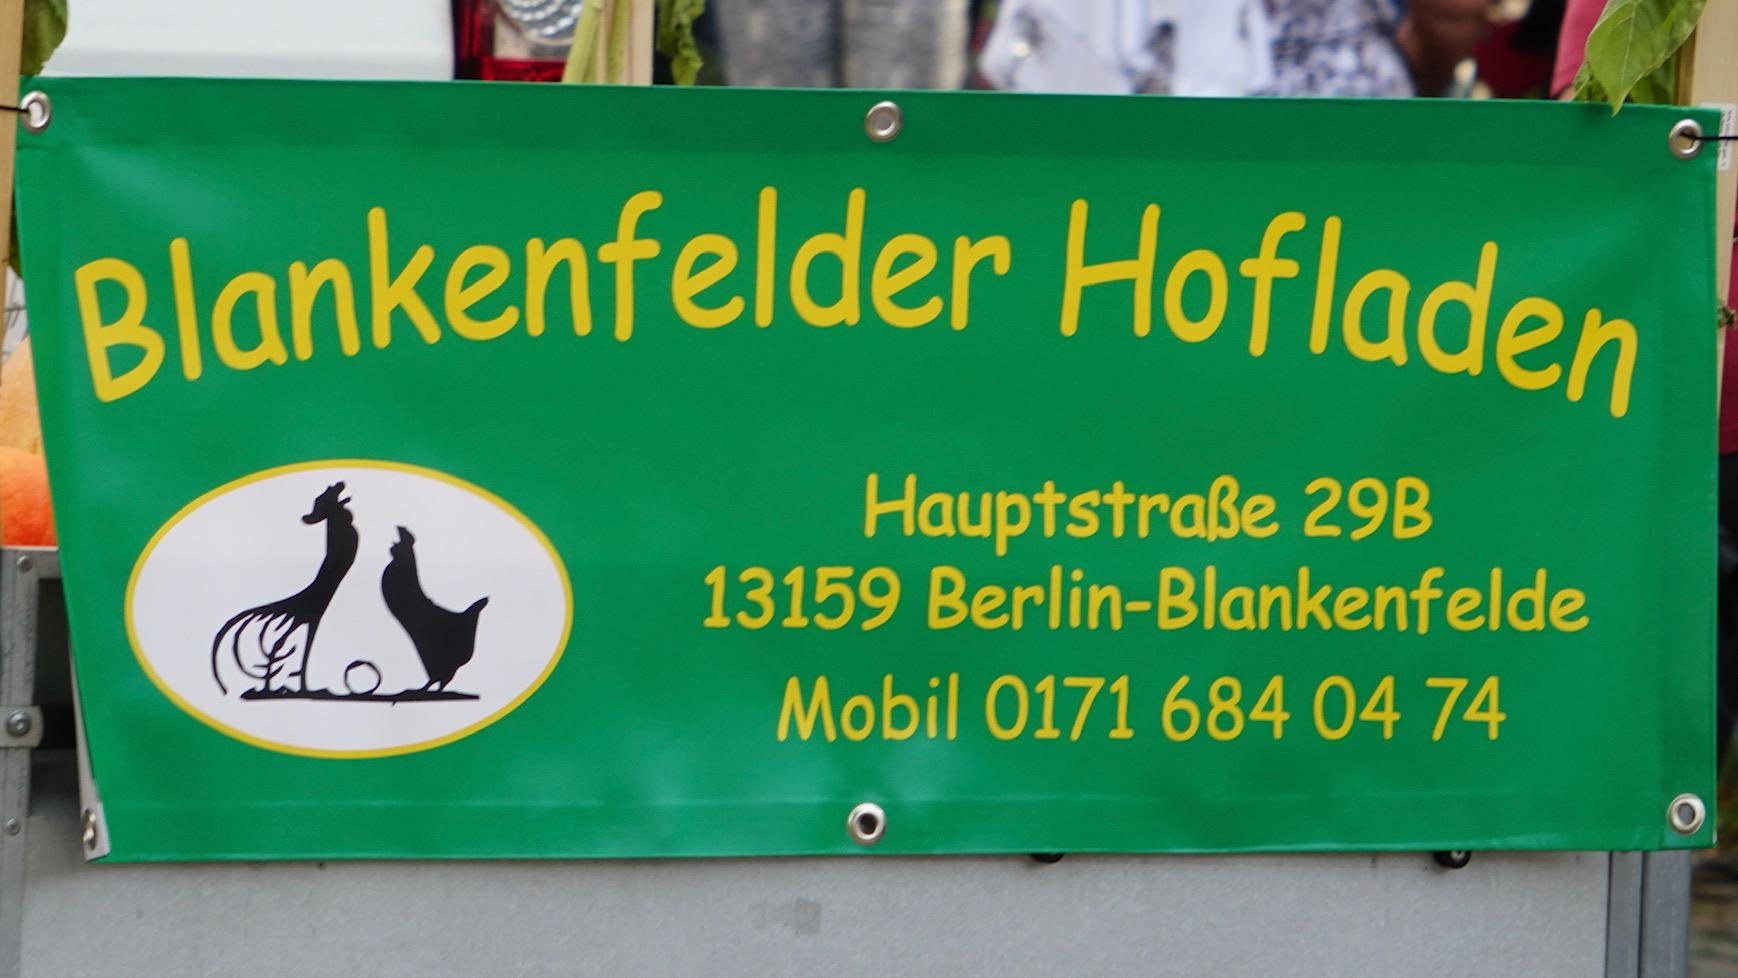 Der Blankenfelder hofladen auf dem Festumzug.